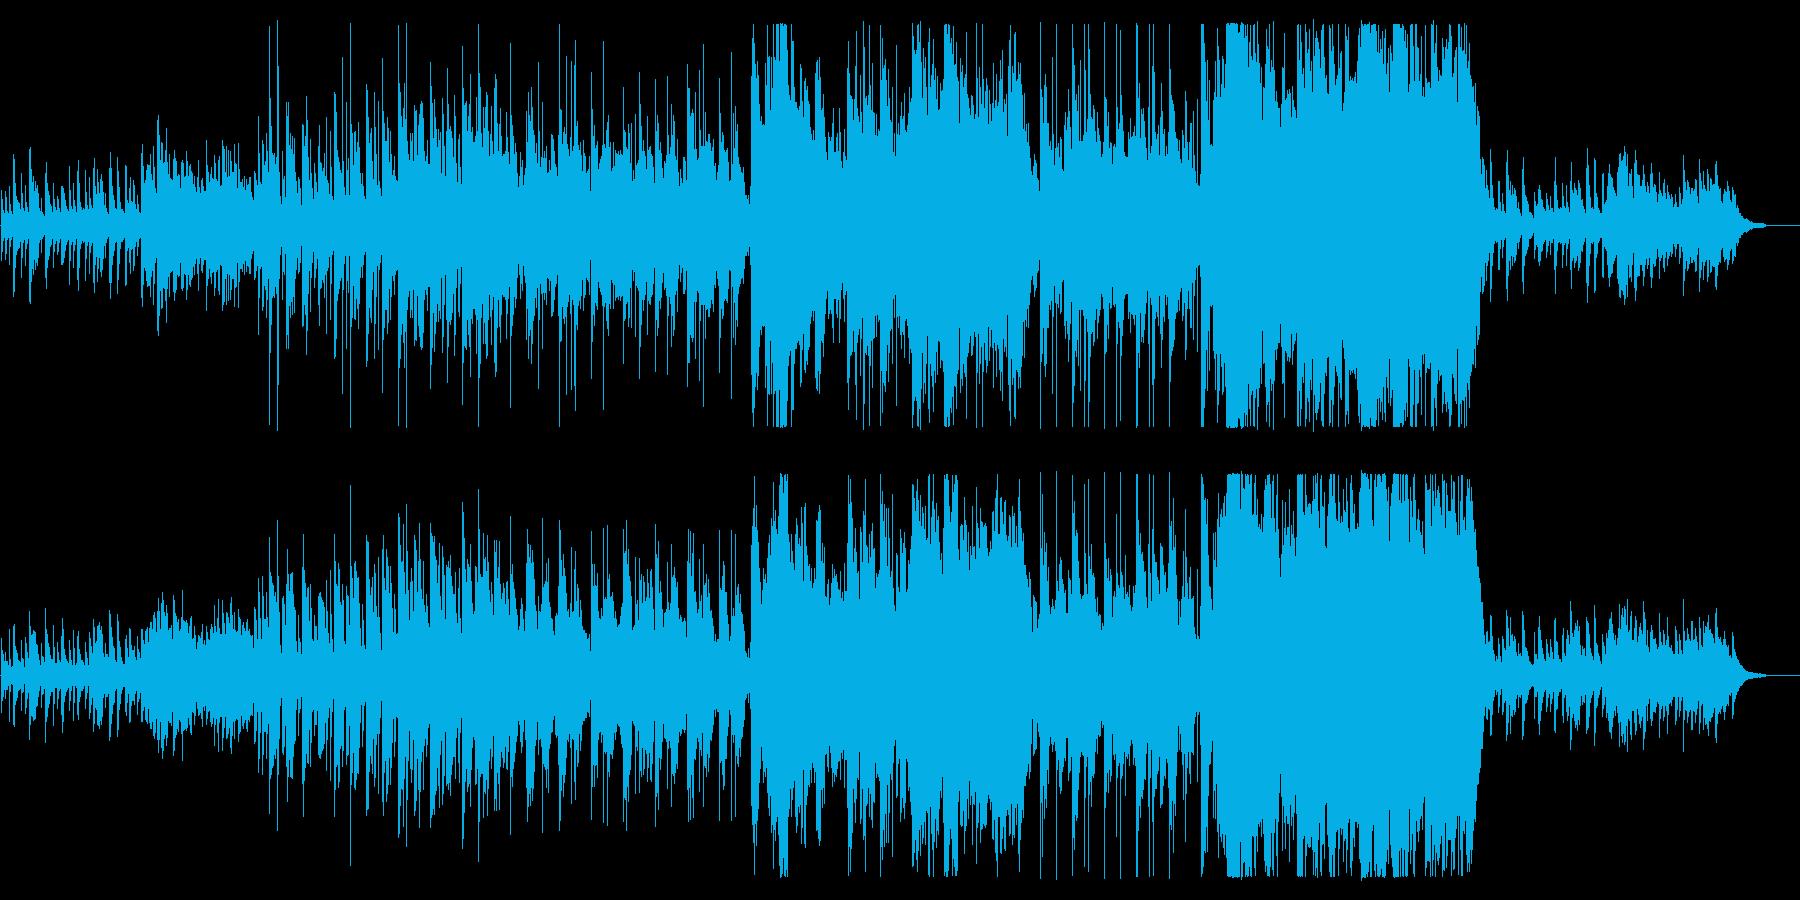 琴と尺八が壮大で切ない感動の和風の再生済みの波形